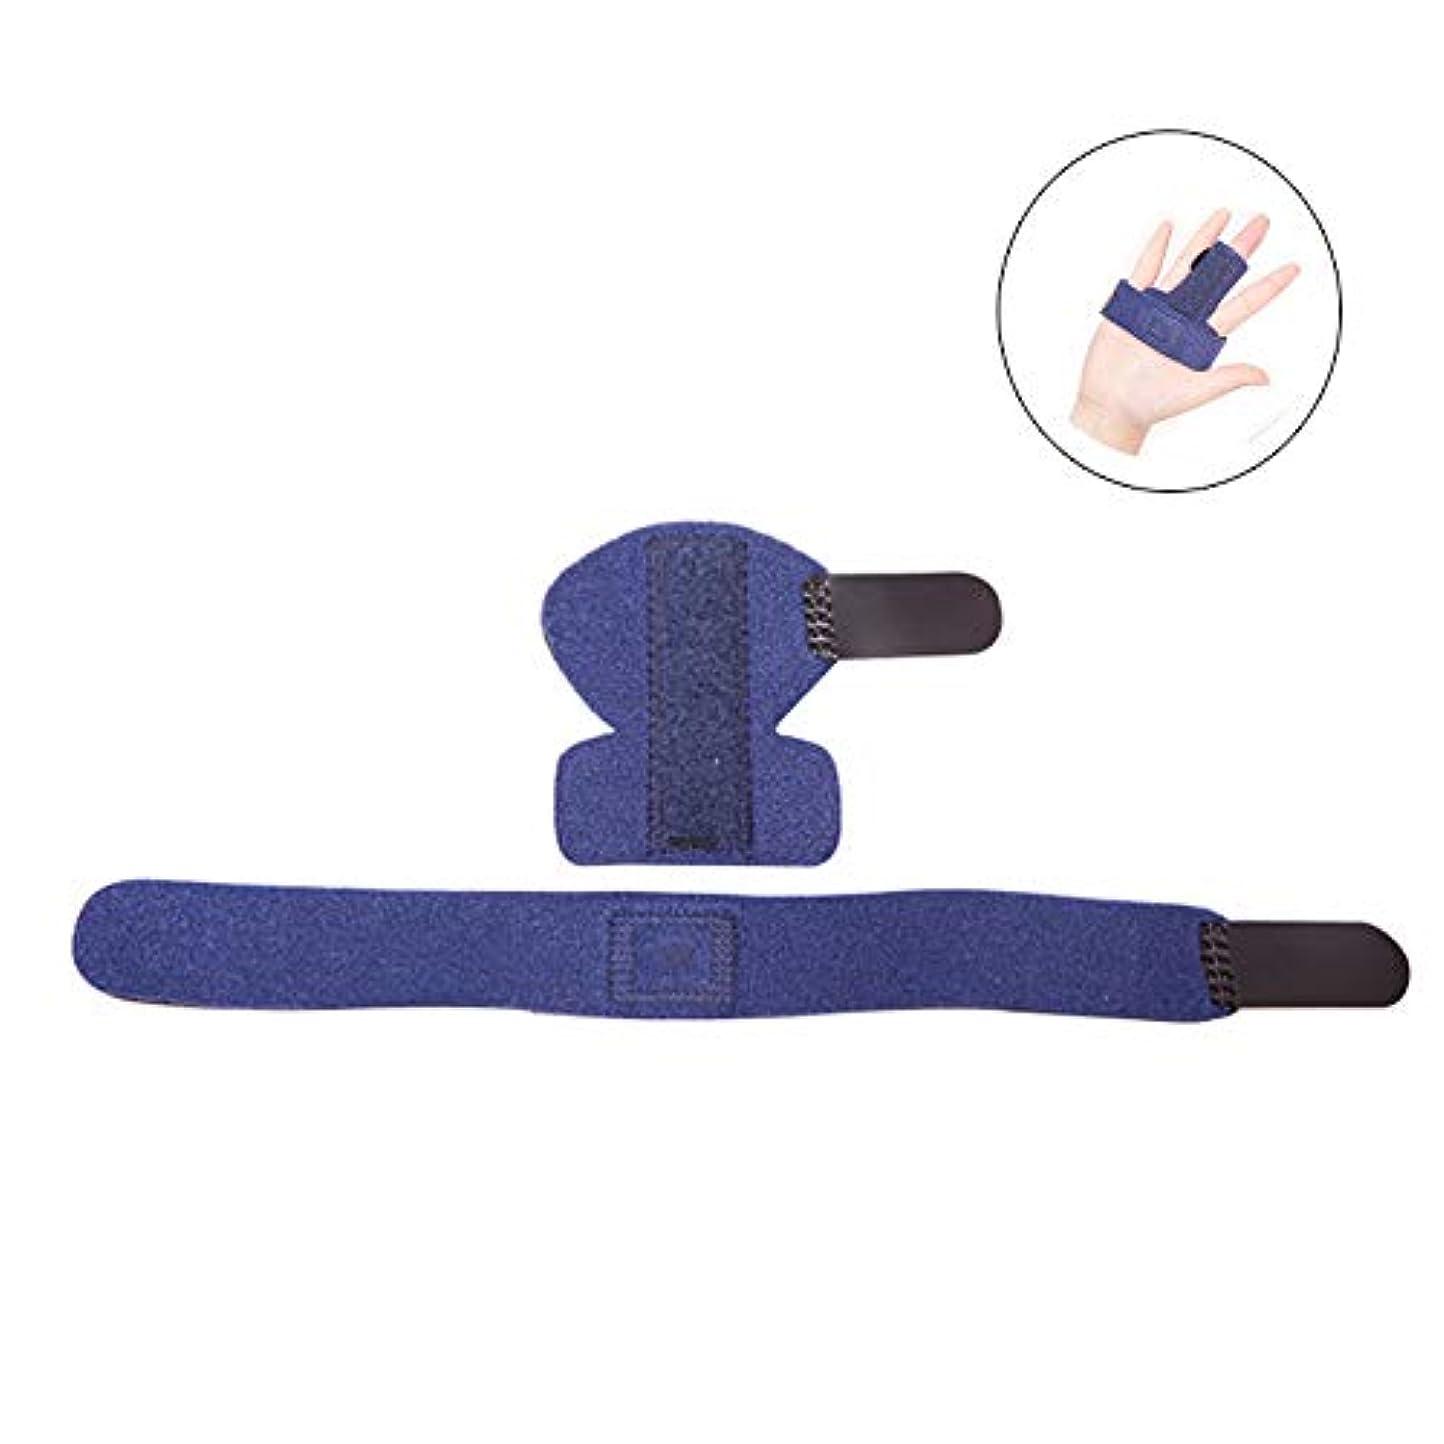 略す目を覚ますツーリスト指の痛みの軽減、指の関節の固定、指の骨折のための指サポートブレーススプリント調整可能なプロテクター